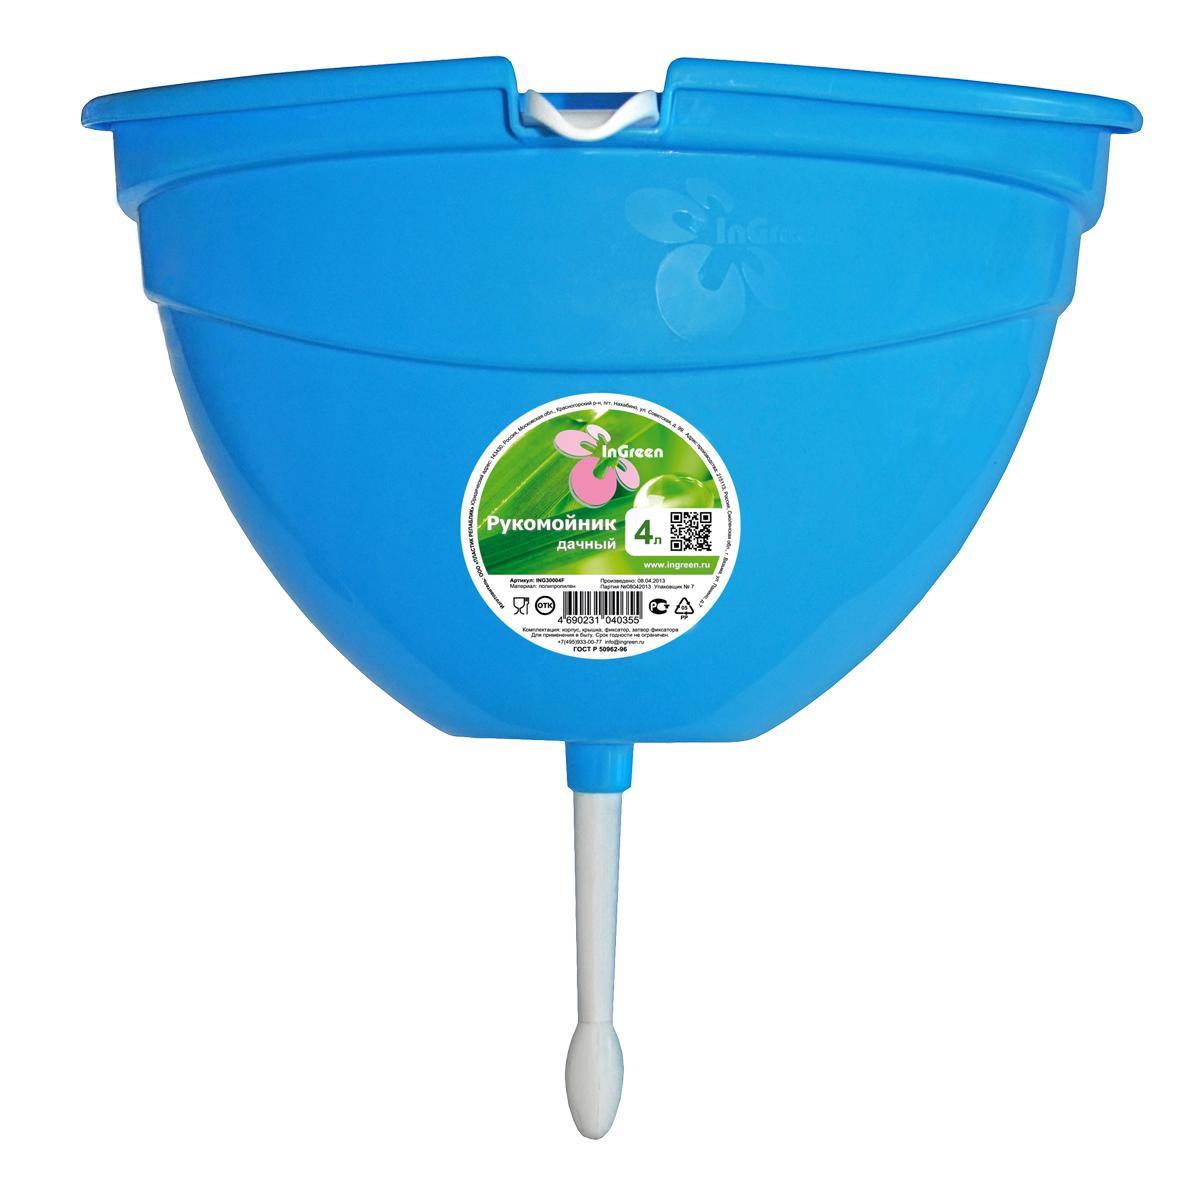 Рукомойник InGreen, цвет: синий, 4 л09840-20.000.00Современный и стильный рукомойник InGreen предназначен для дачи. Выполнен из высококачественного пластика и выдерживает отрицательные температуры (до -25 градусов), что позволяет ему спокойно пережидать зиму на улице. Крышка рукомойника расположена под небольшим углом и имеет специальный носик для слива дождевой воды, а также рифленую поверхность для удобного расположения мыла. Затвор плотно прилегает ко дну рукомойника, что предотвращает протекания воды.Размер рукомойника: 31,5 х 24,5 х 37 см.Объем рукомойника: 4 л.